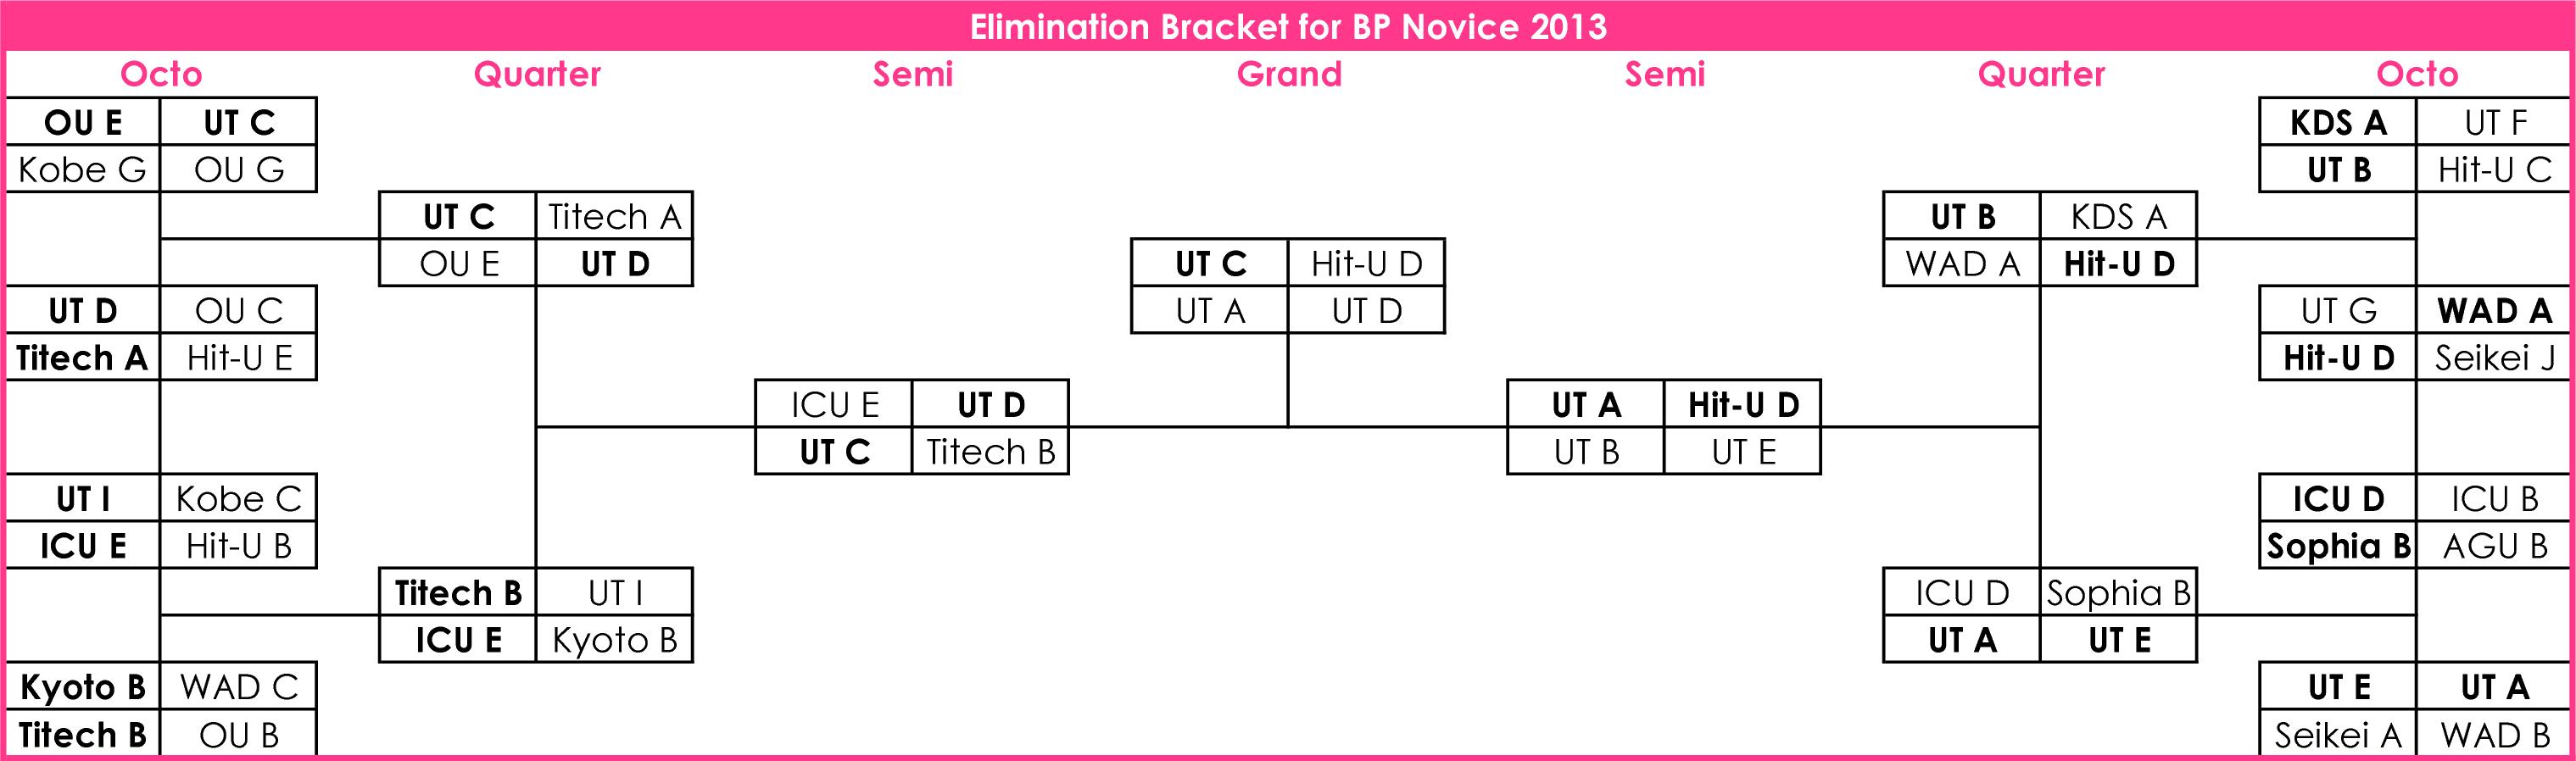 bpnovice2013eliminationbracket3